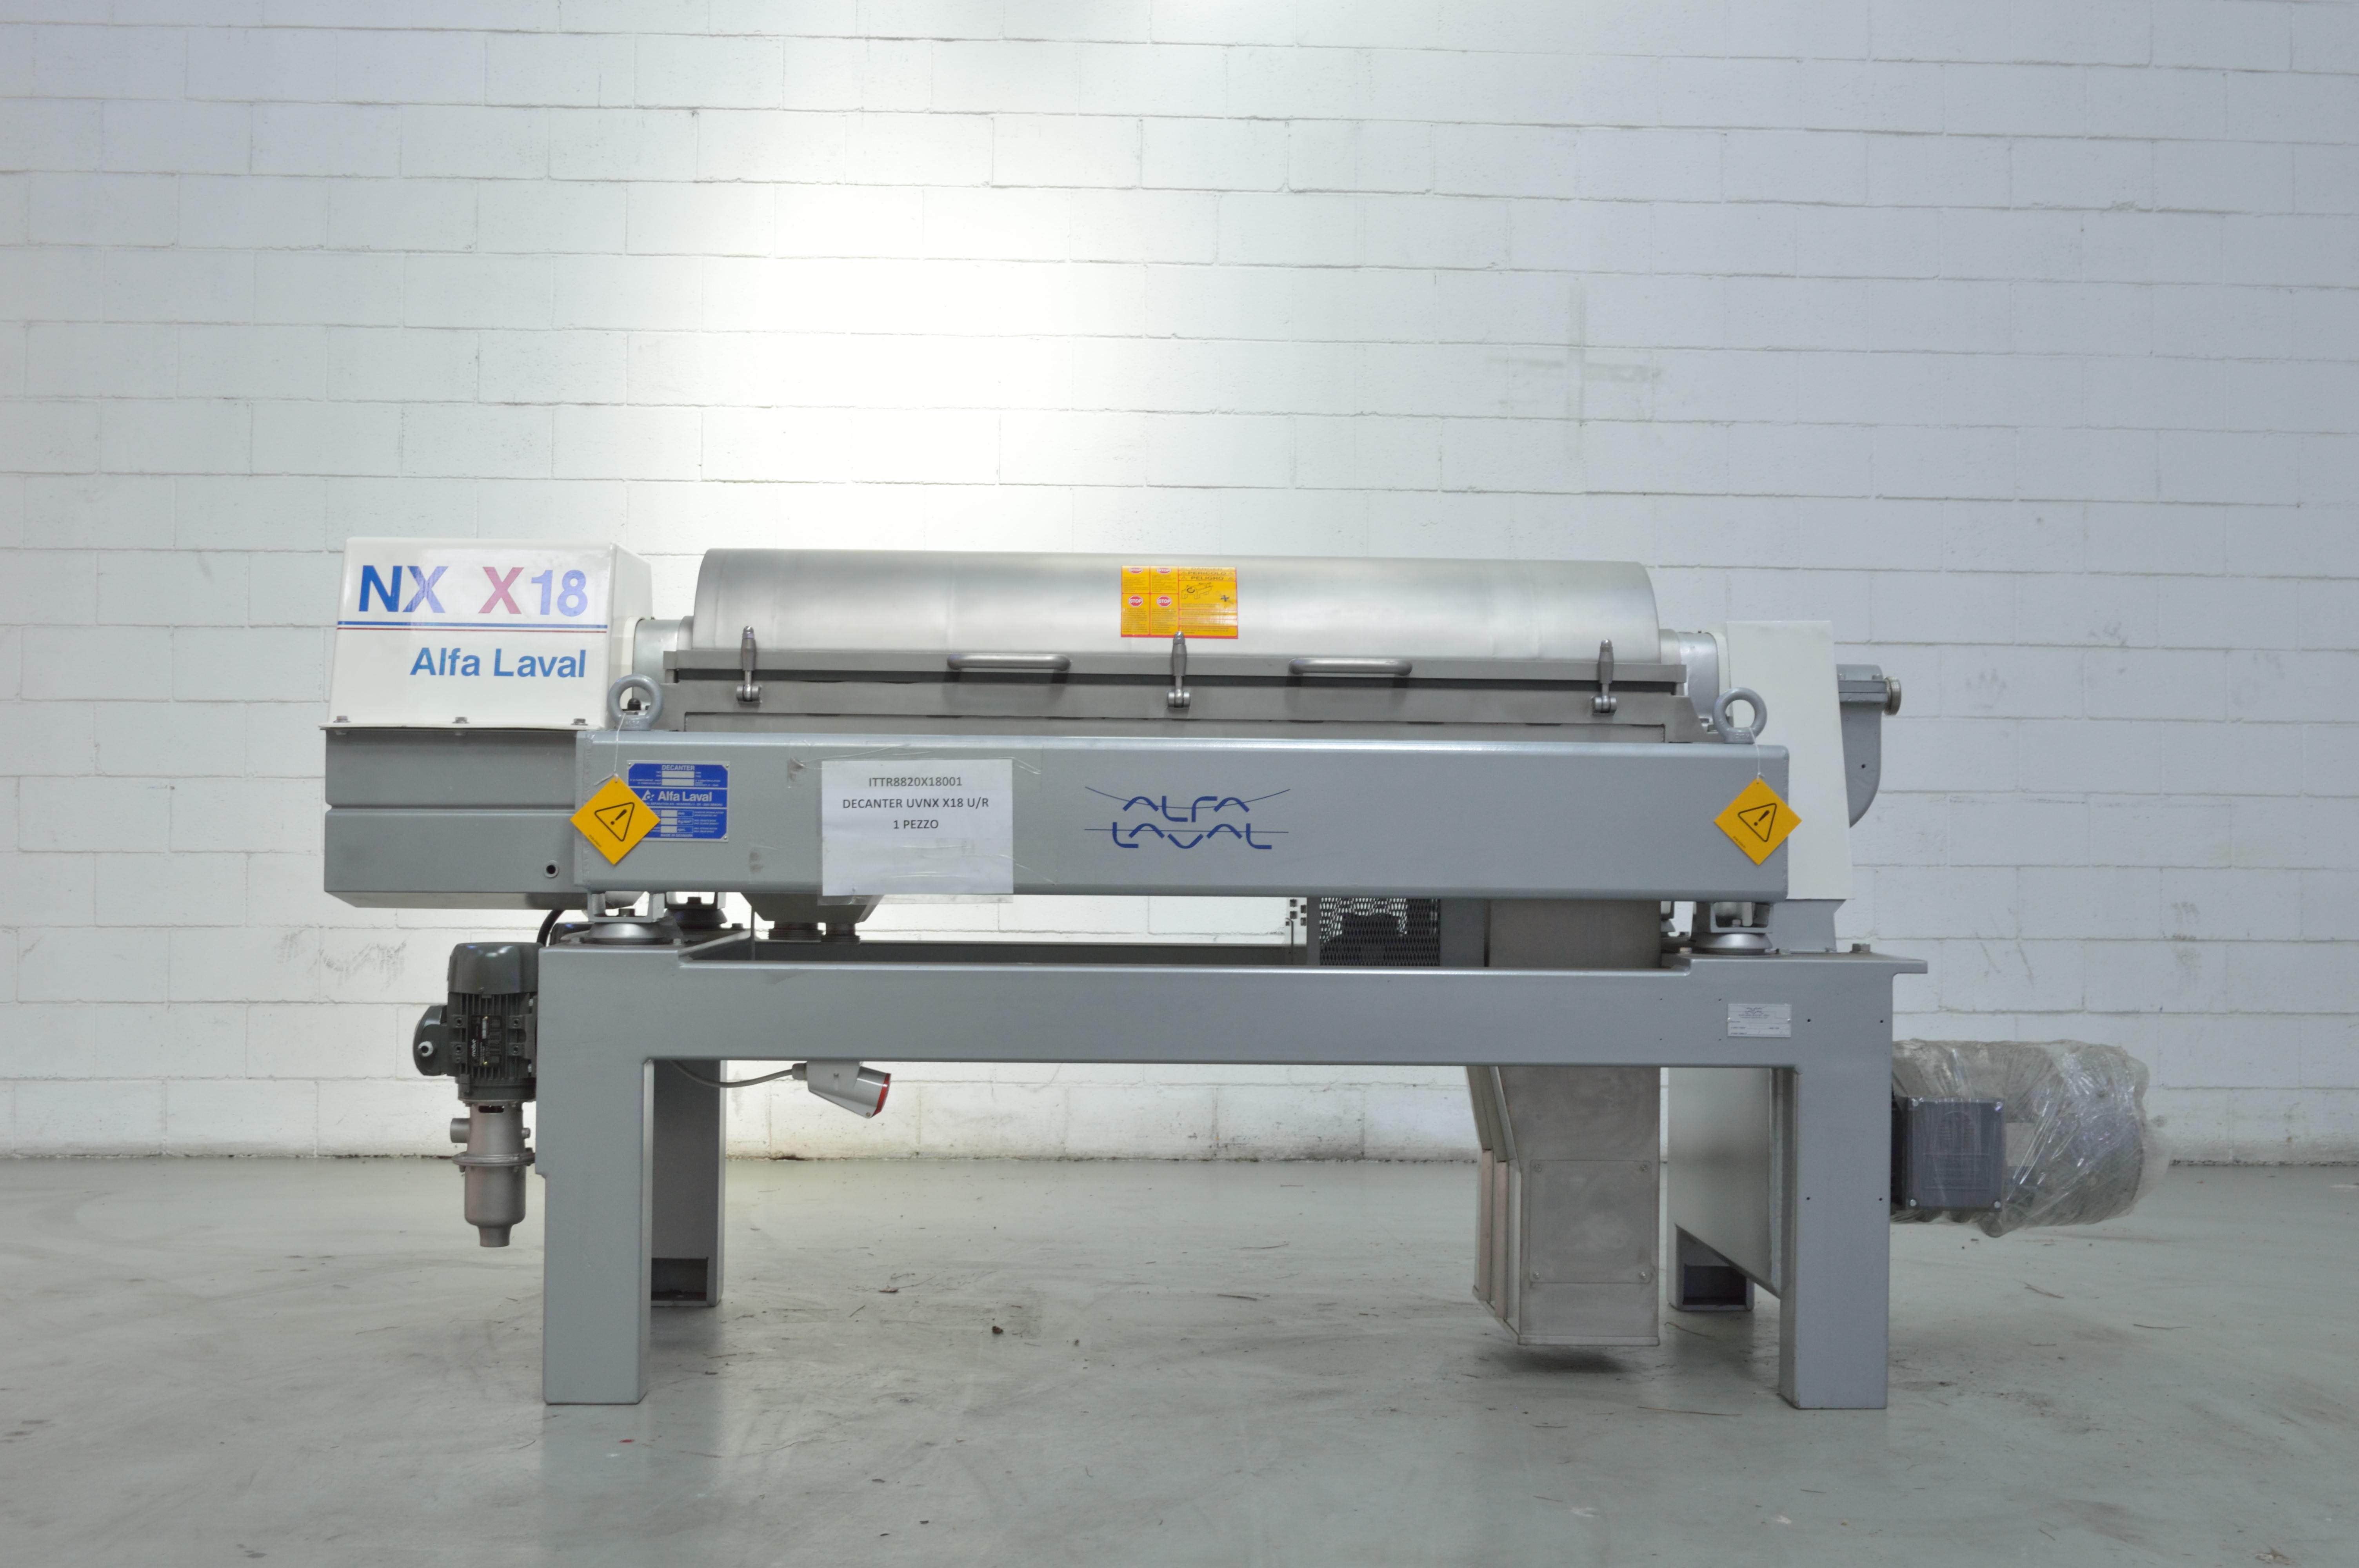 Alfa Laval Decanter Machine - Exapro